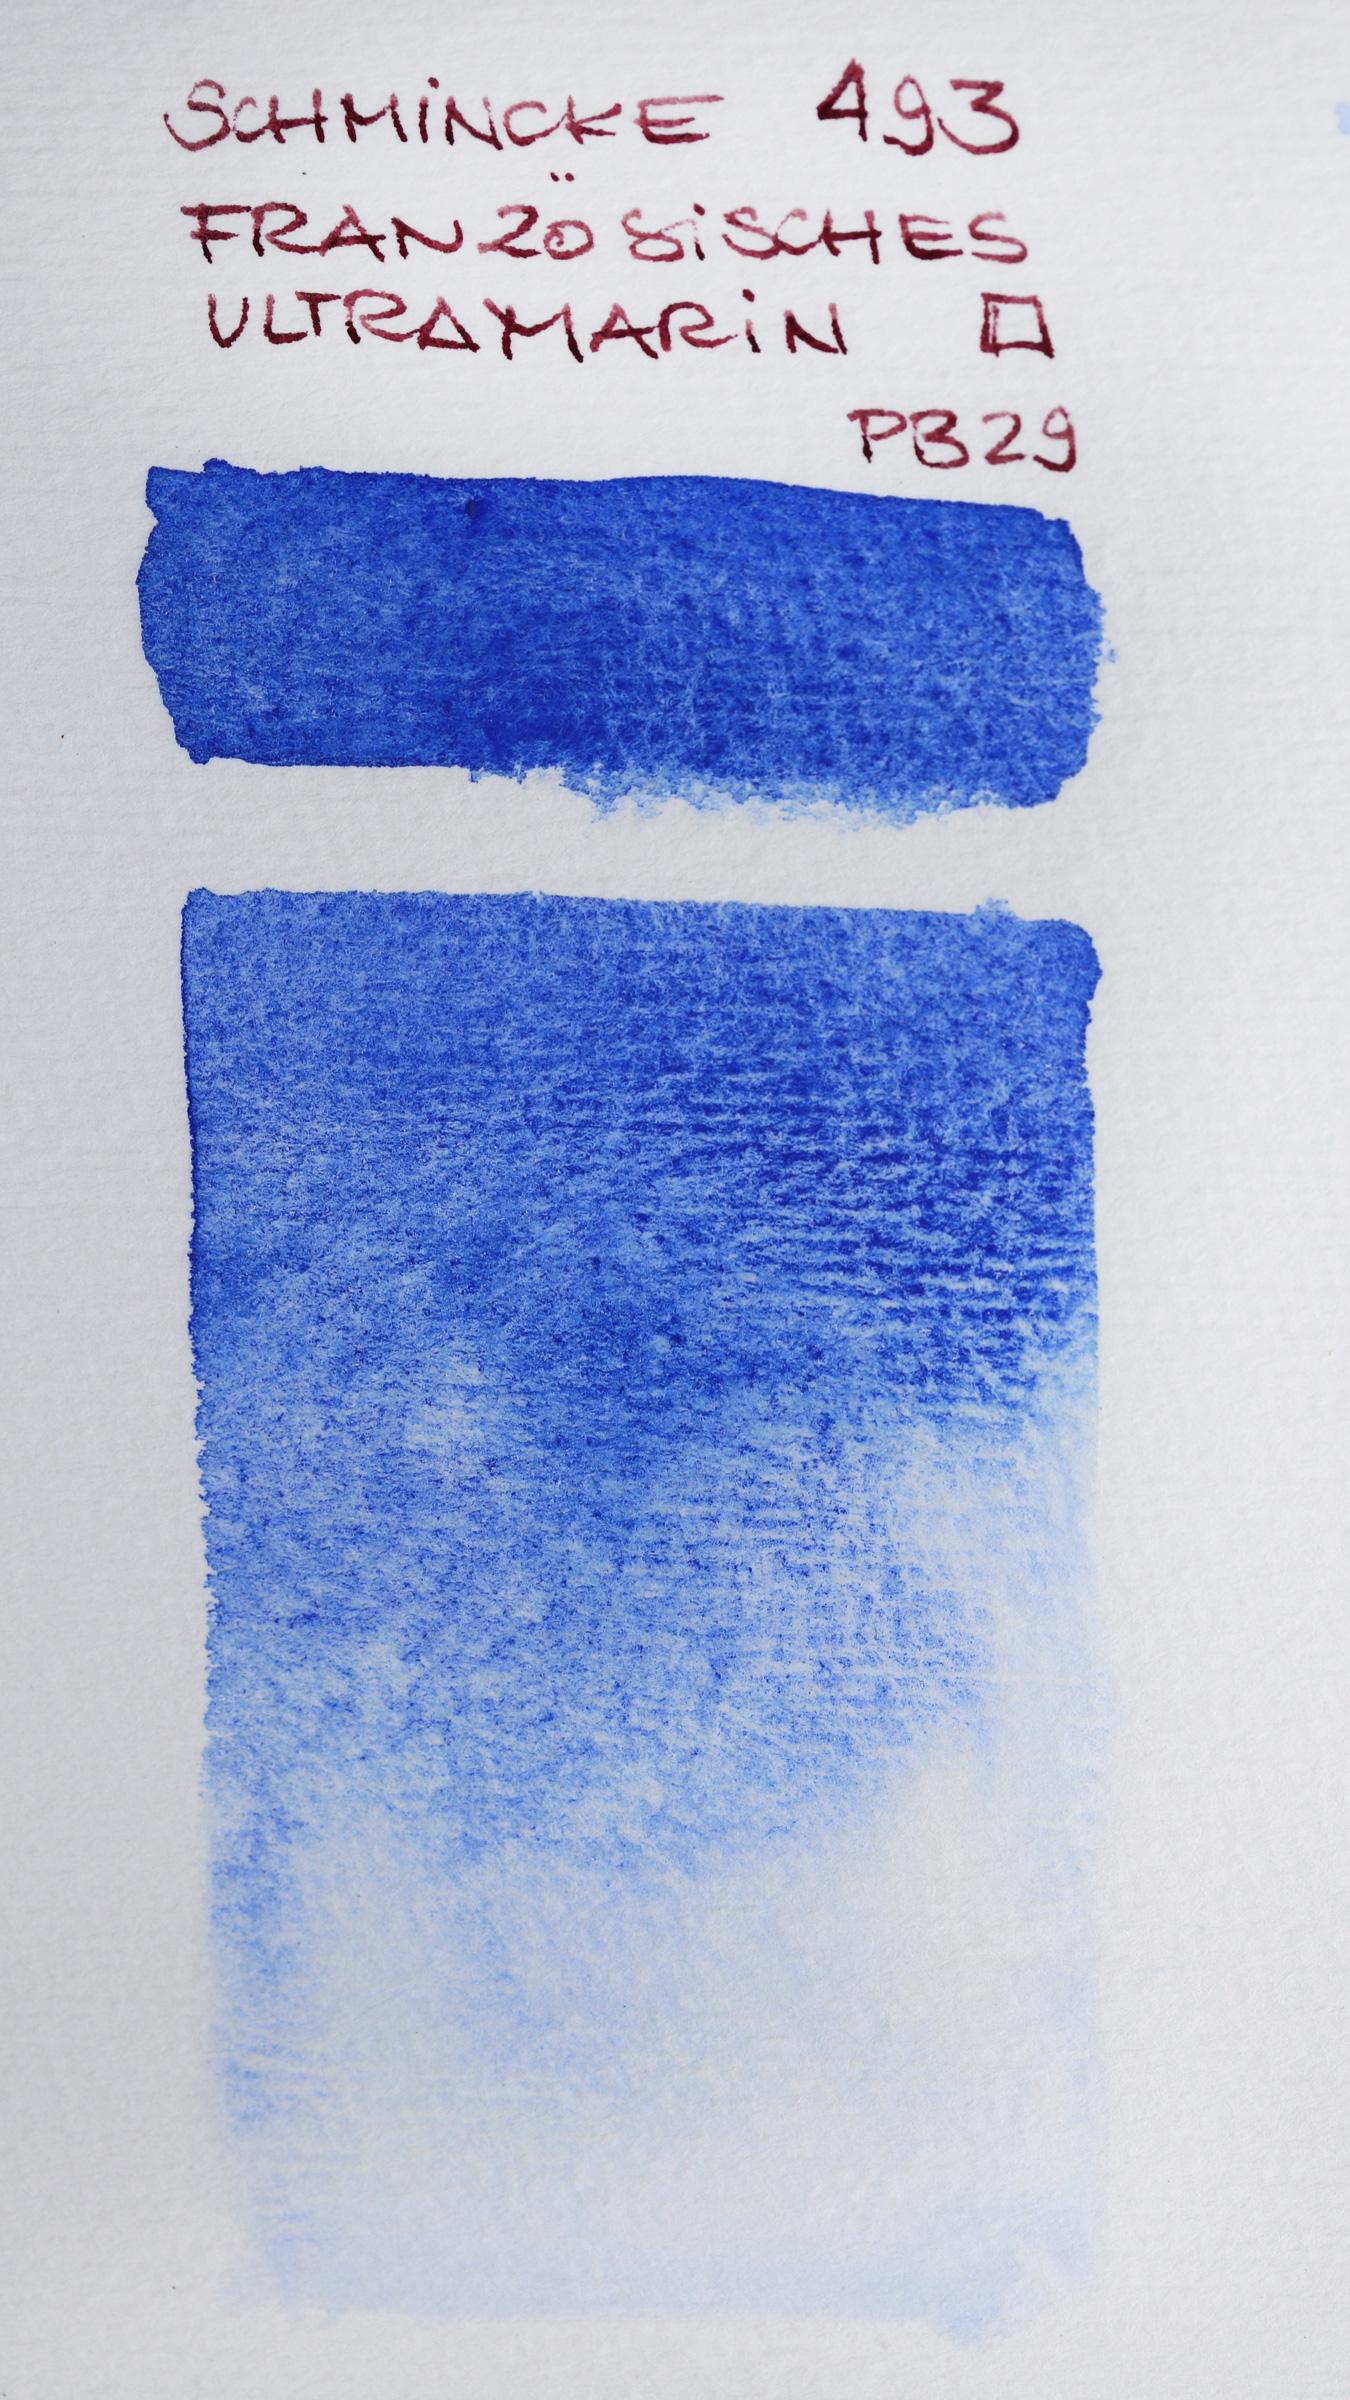 Granulierende Aquarellfarbe – Schmincke Französisch Ultramarin Blau (493, PB29) auf Echt-Bütten Aquarell-Papier, rau.